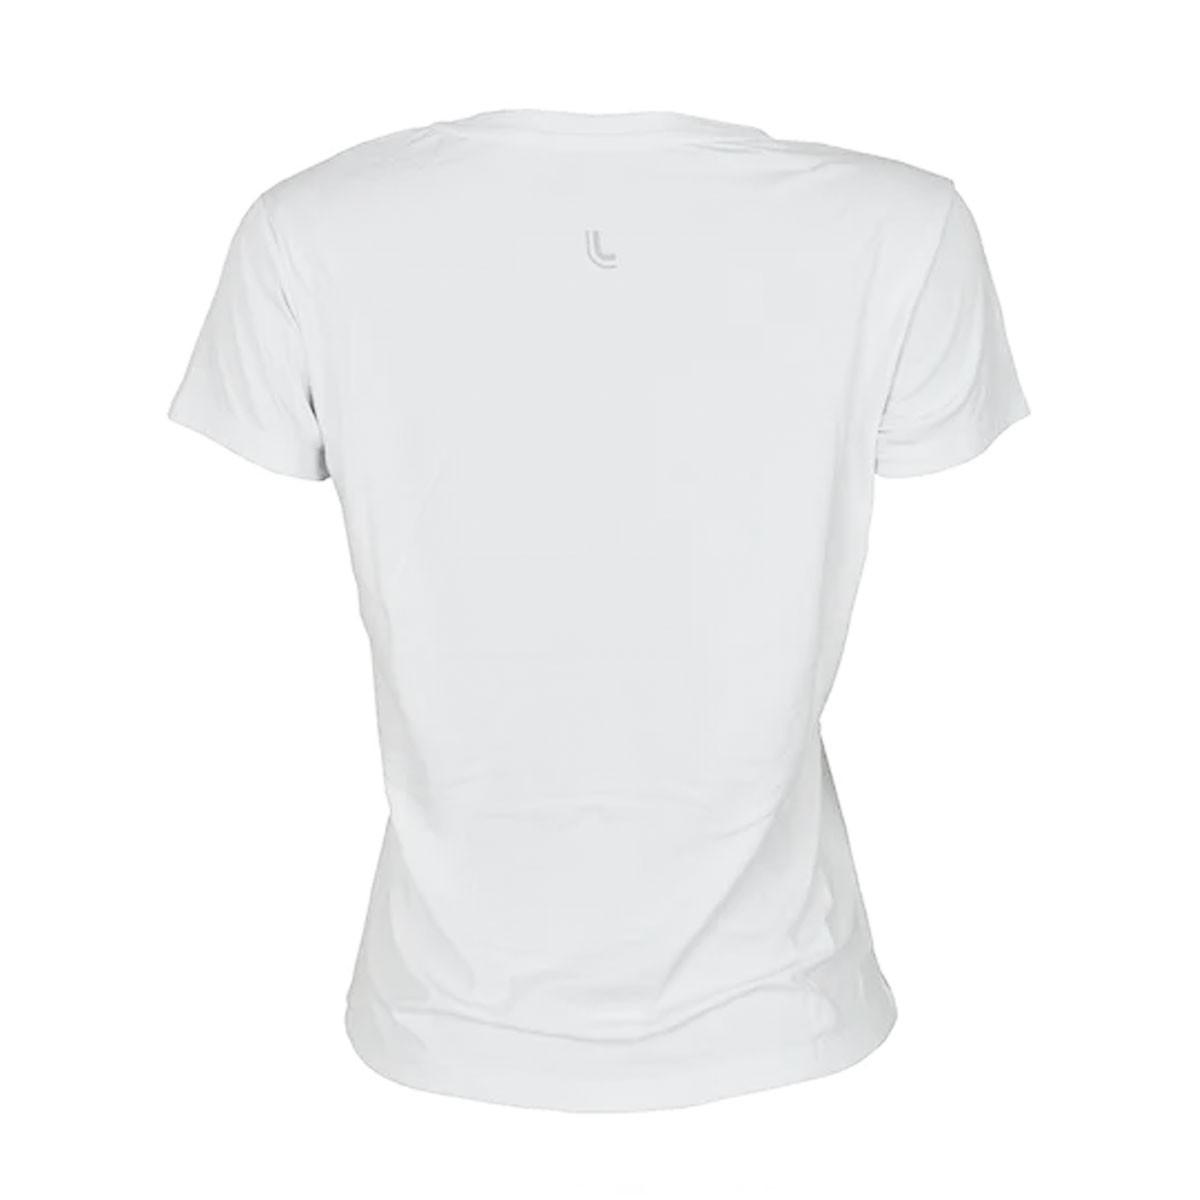 Camiseta feminina para academia e corrida com proteção solar Lupo